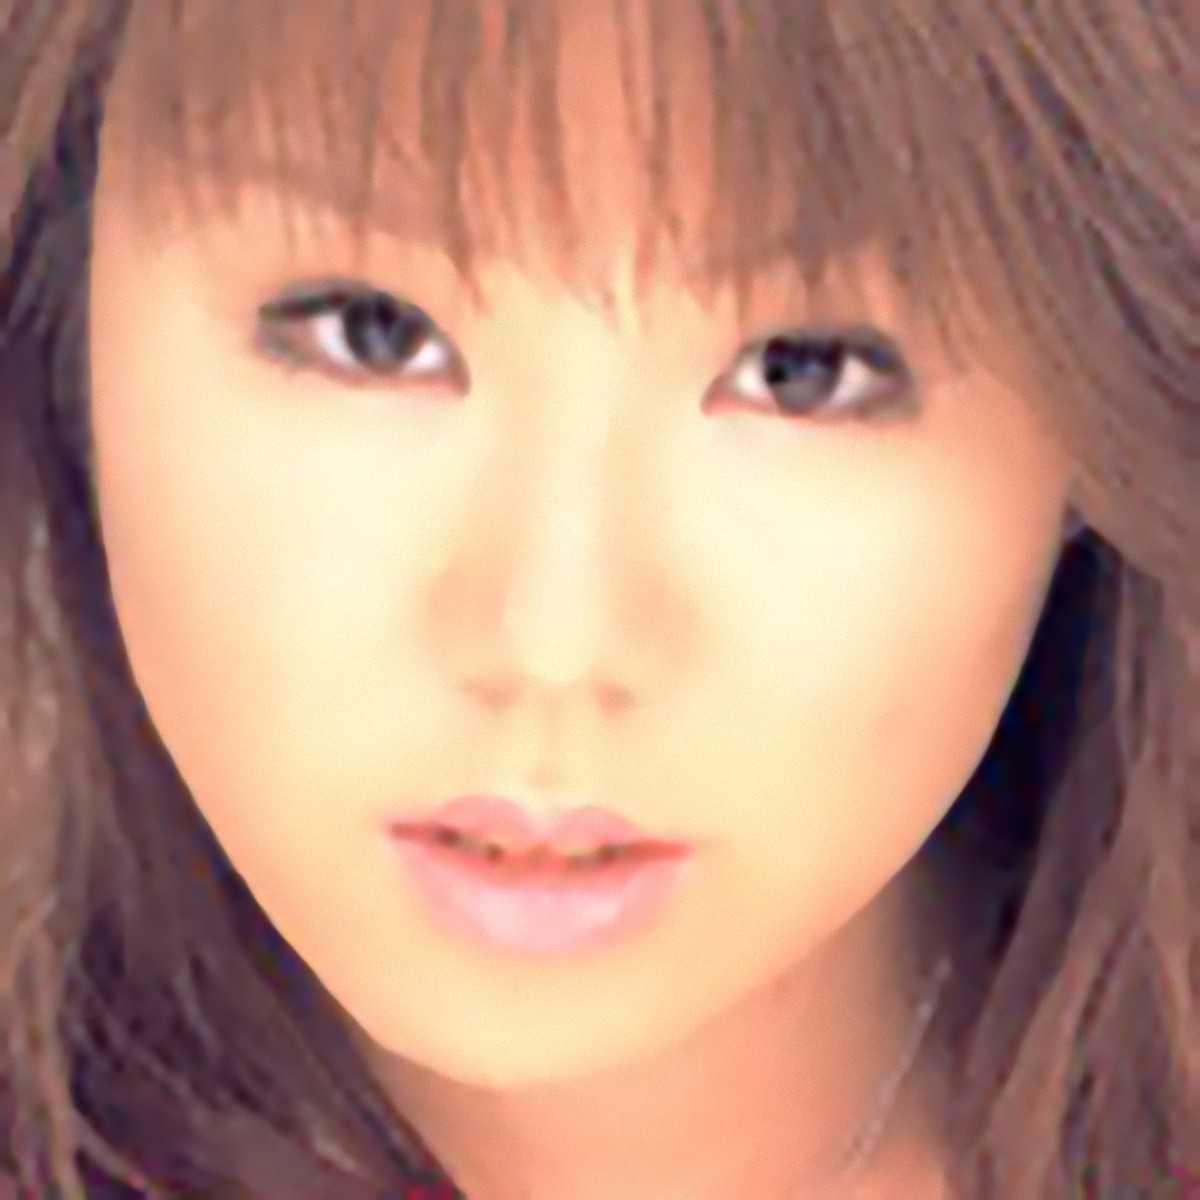 伊沢千夏さんのプロフィールと画像集8ページ目   AV女優画像